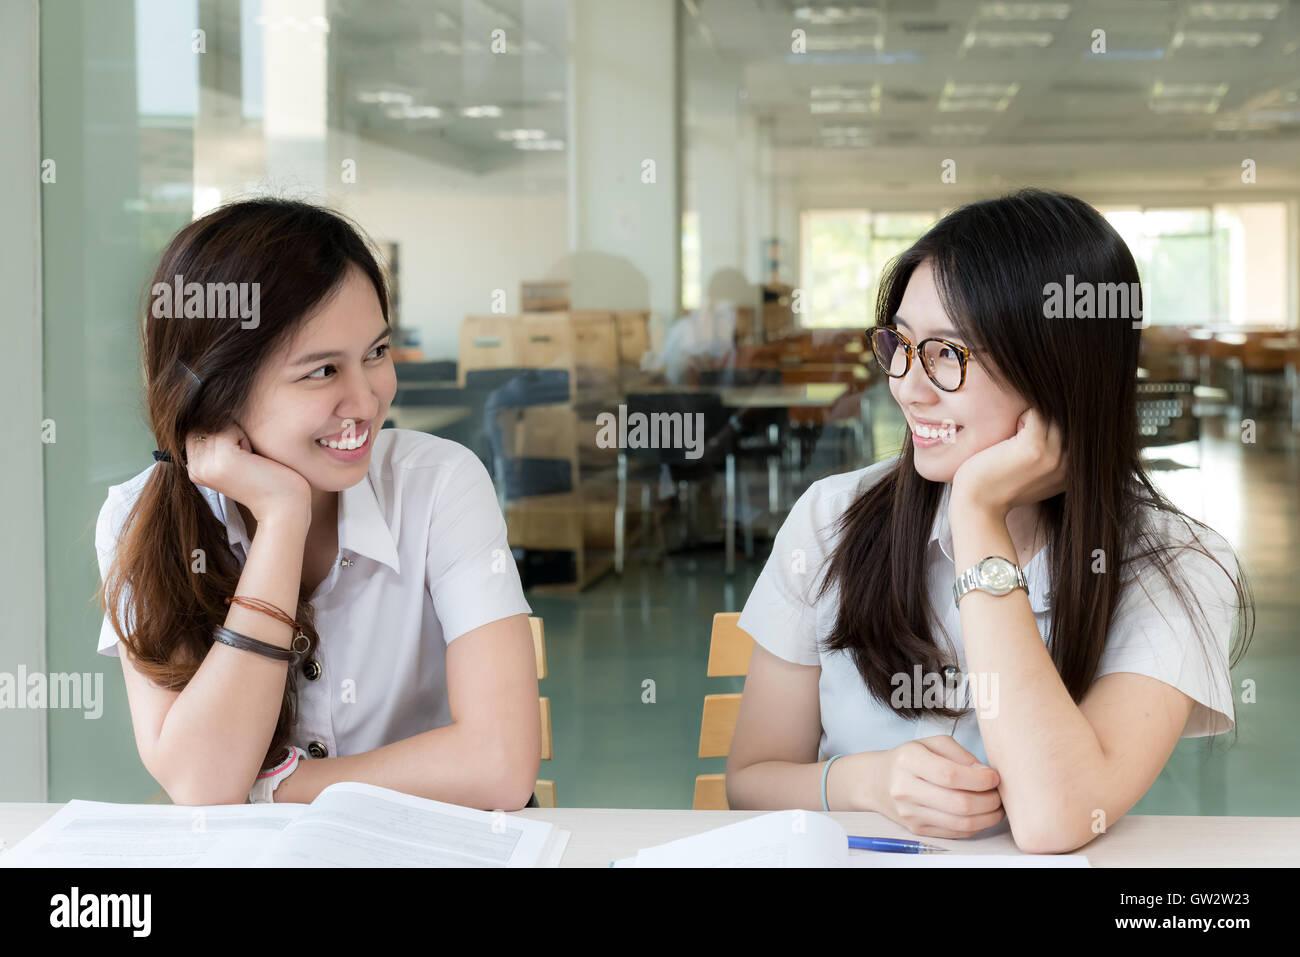 Deux étudiant asiatique en uniforme dans l'étude de classe. Étudiant asiatique à la ensemble Photo Stock